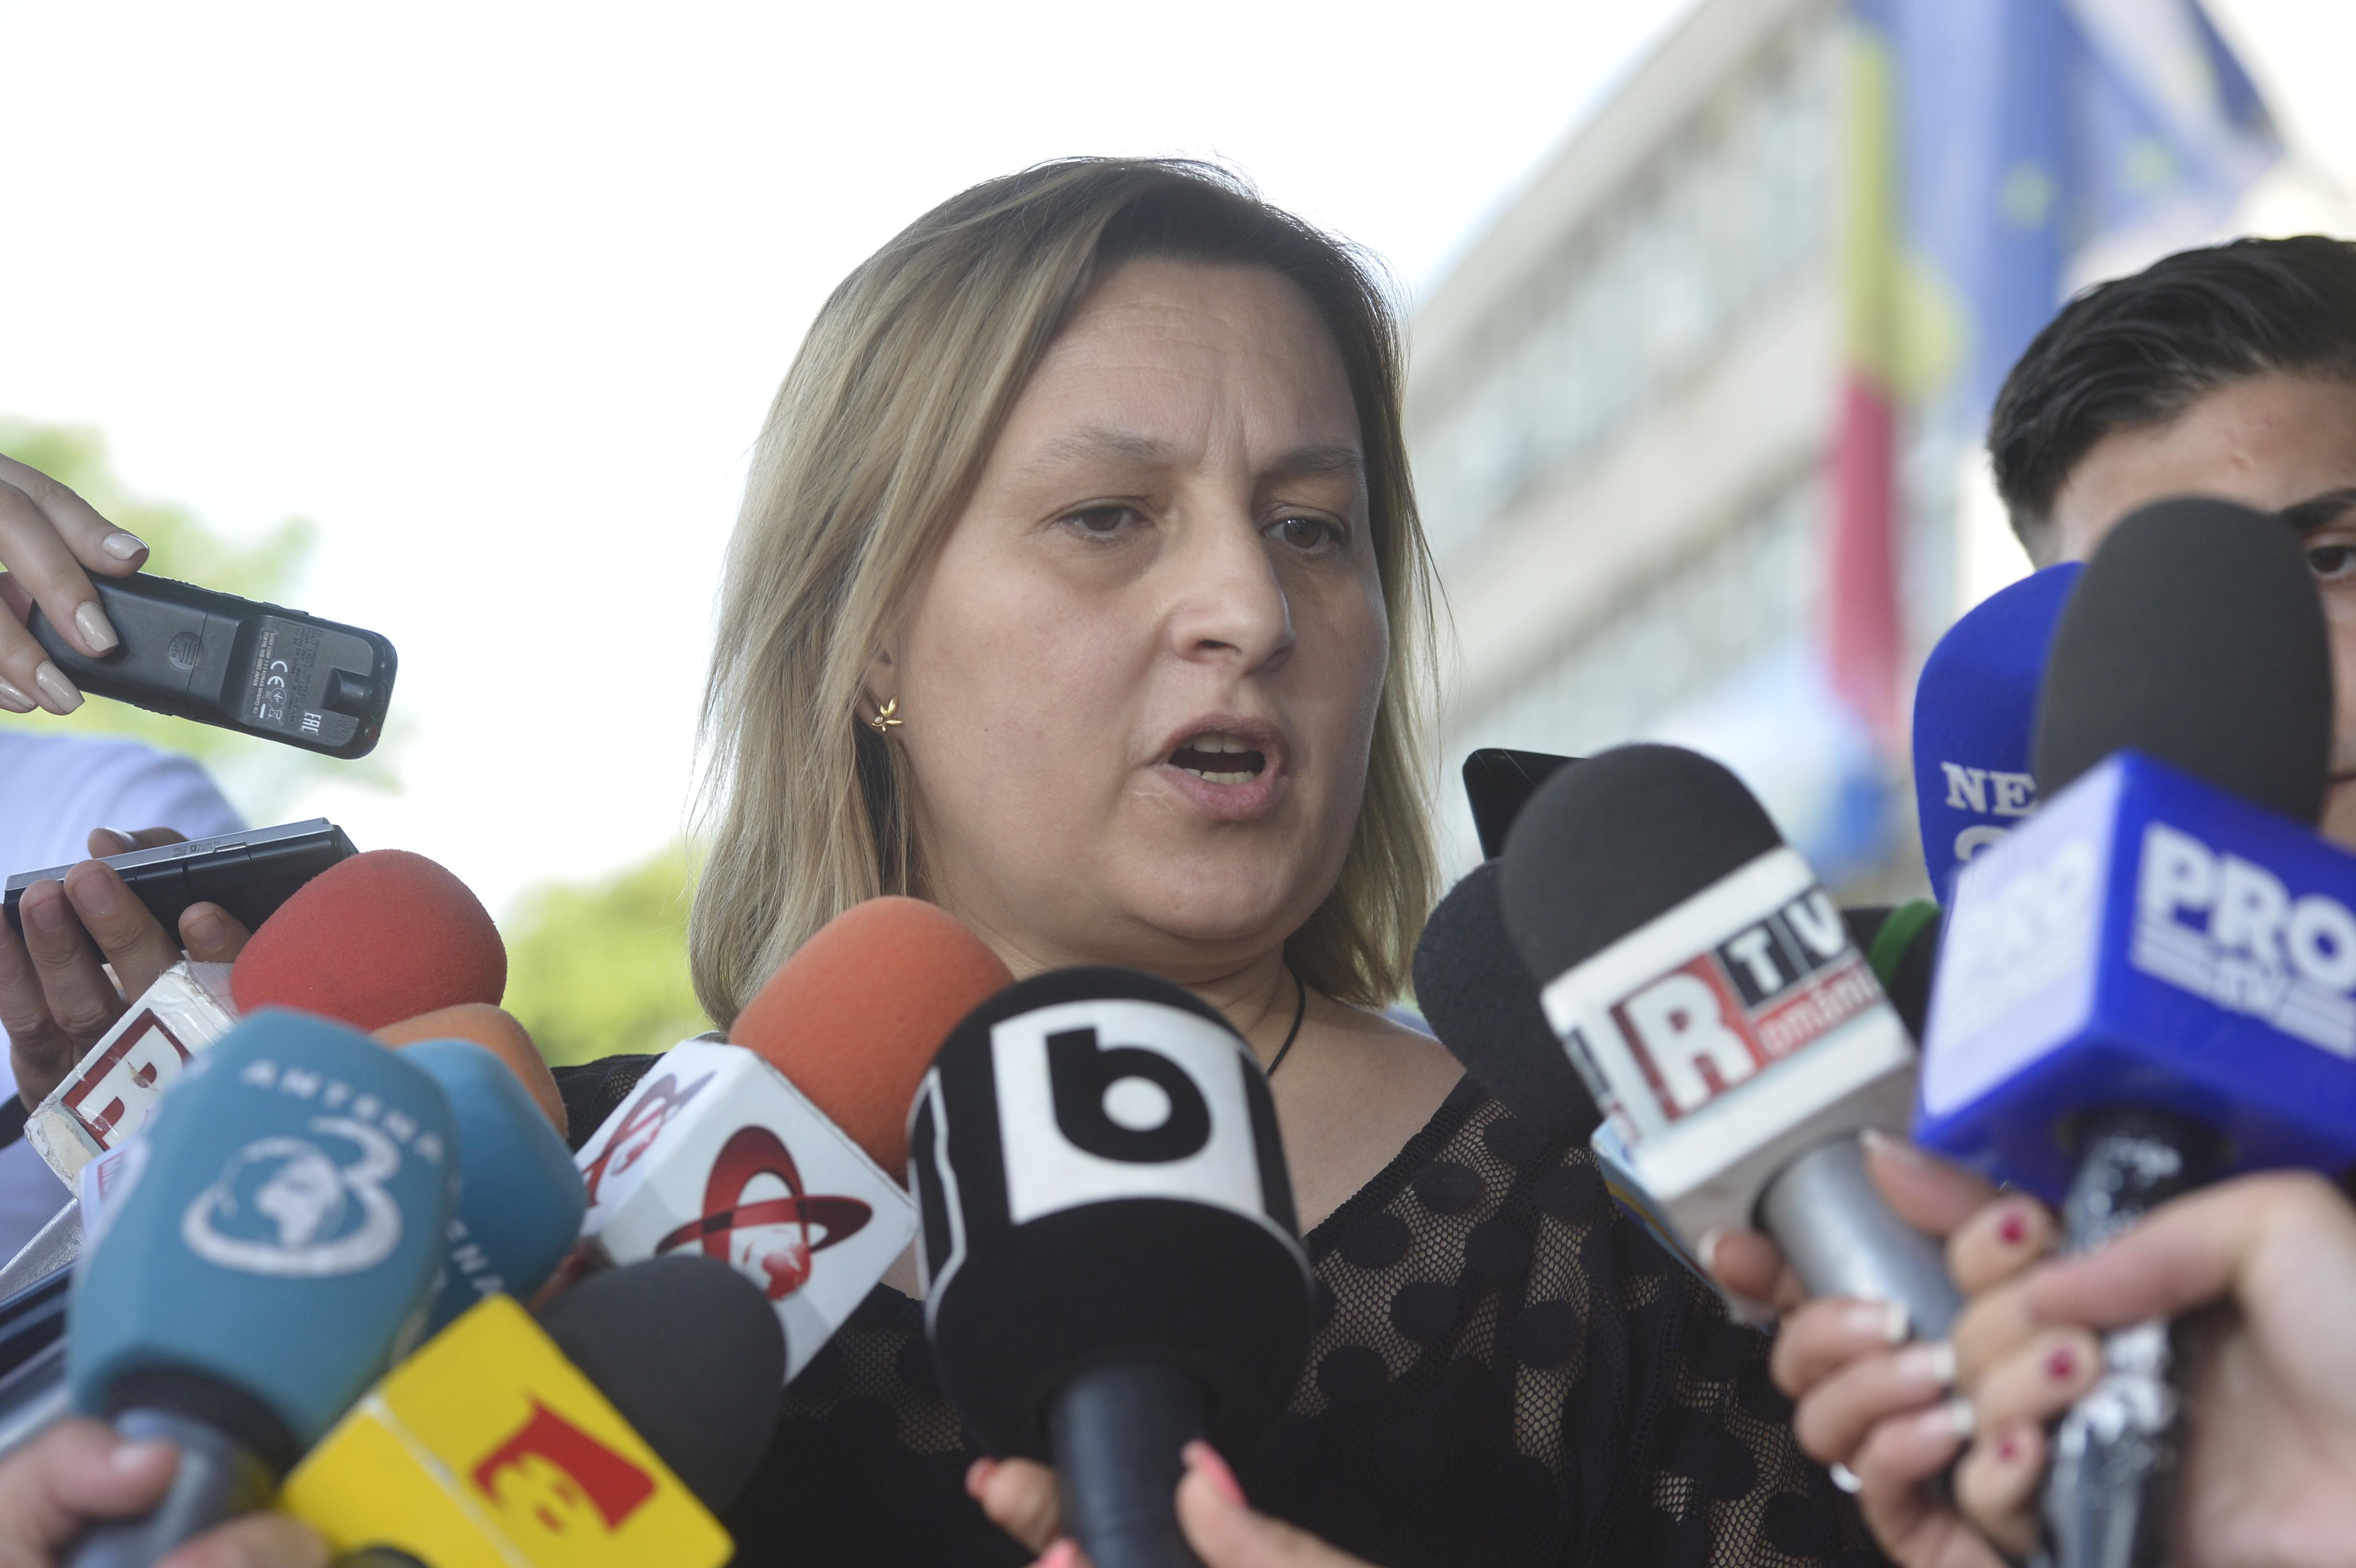 Mihaela Iorga, revocată, miercuri, din funcţia de procuror DNA, va contesta decizia în instanţă: Nu am determinat eu acest scandal/ Procurorul Doru Ţuluş anunţă că va ataca decizia de revocare